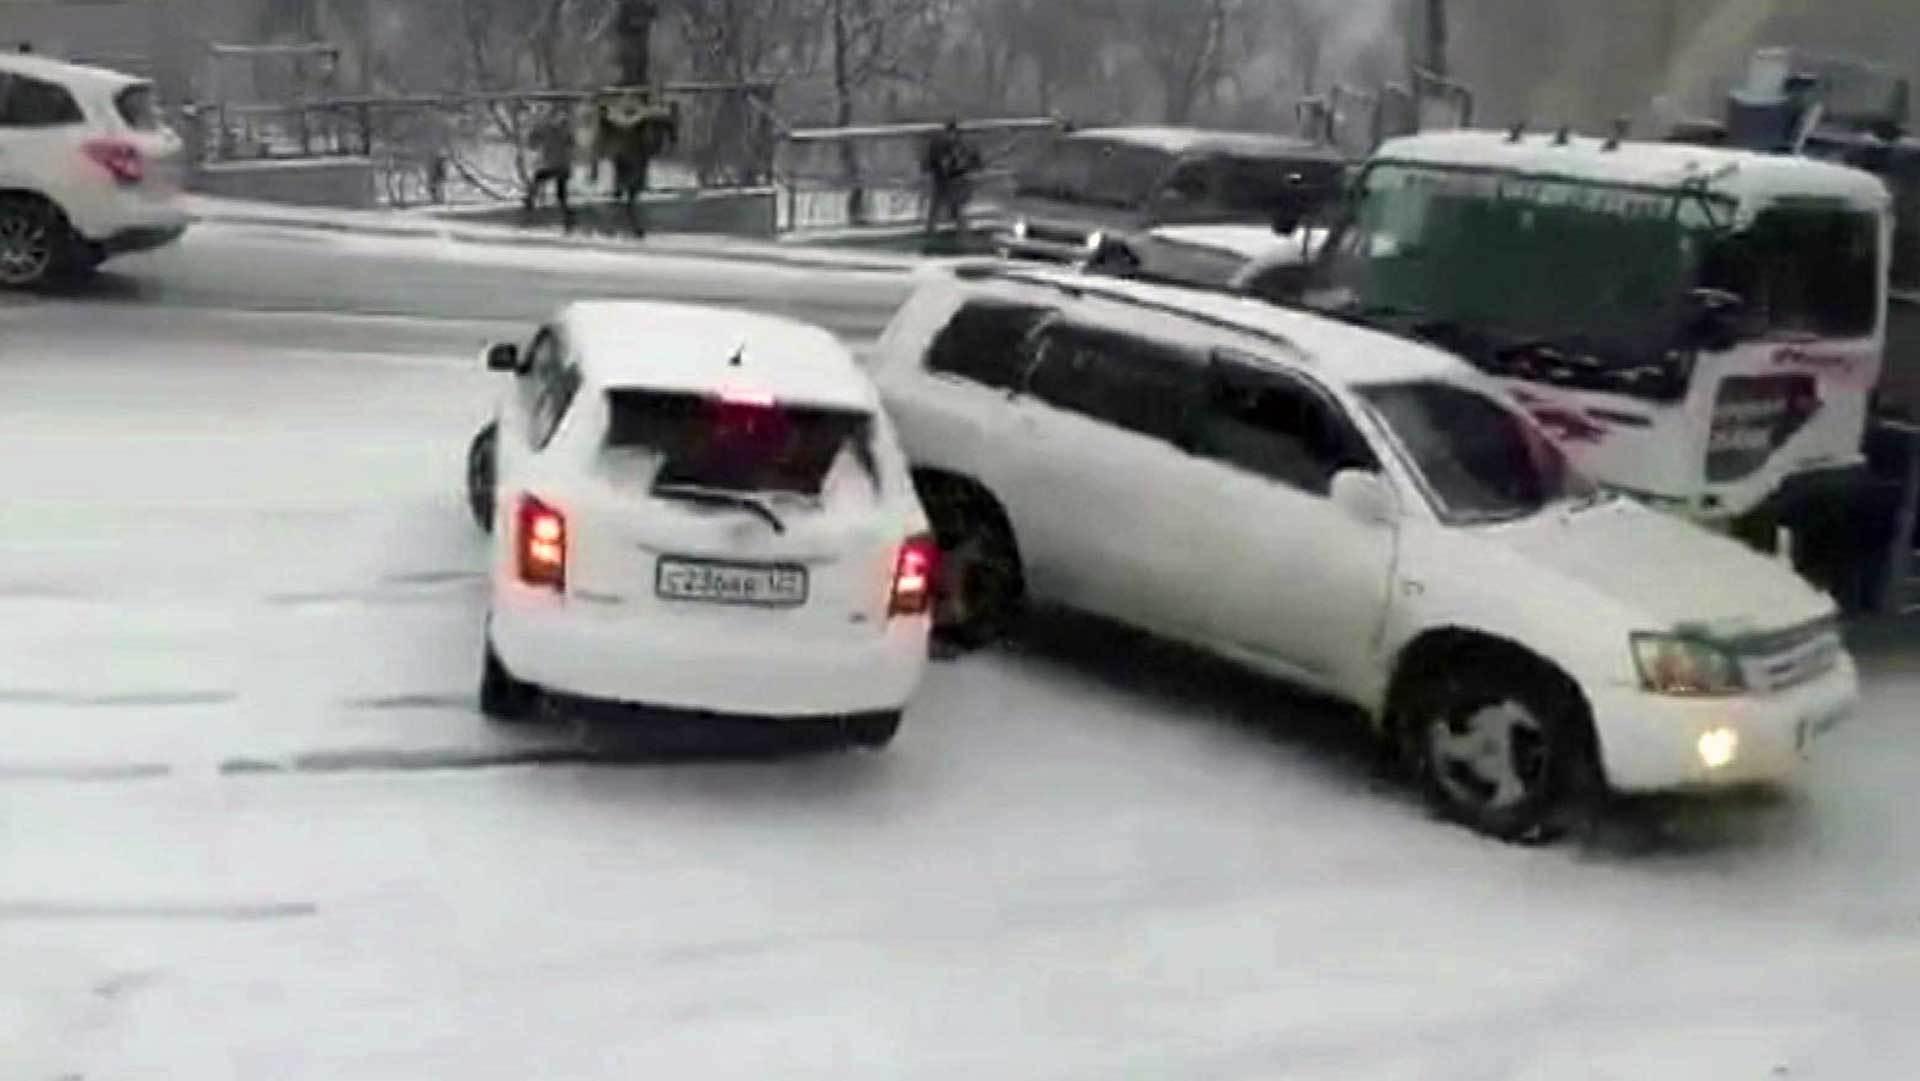 Смотреть новости новости россия 24 сегодня Россия на видео и фото